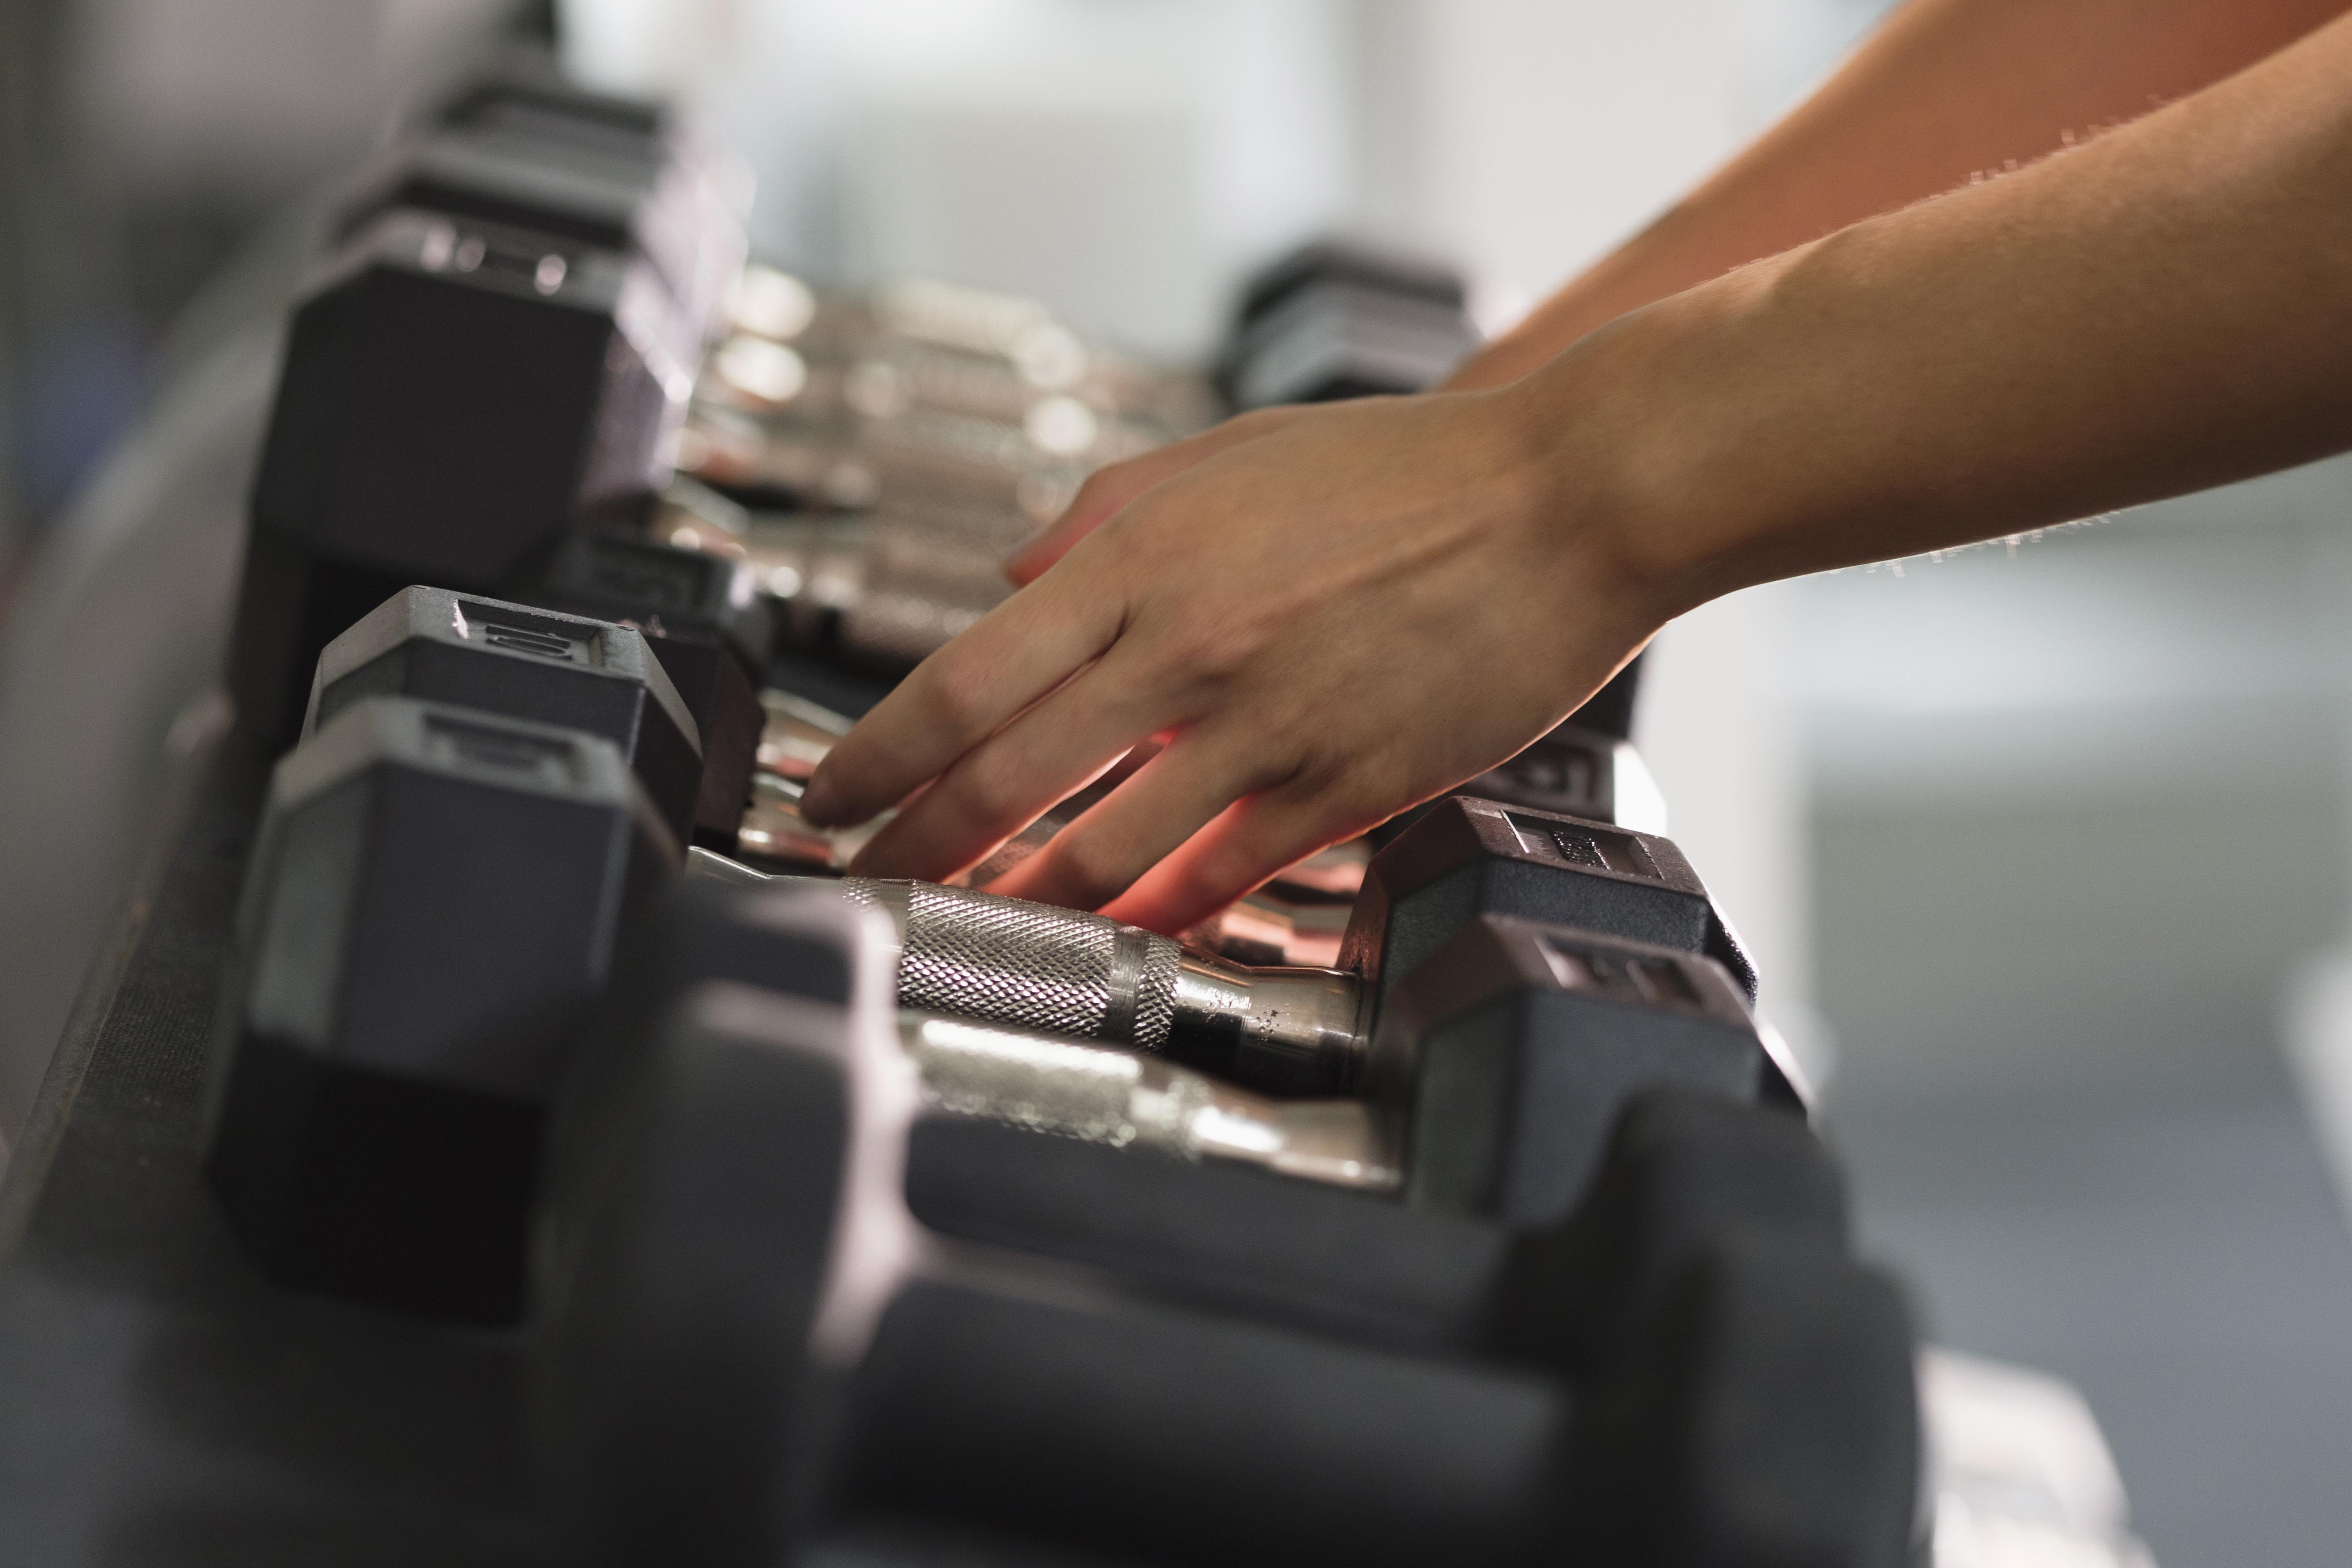 Useful gym hygiene tips